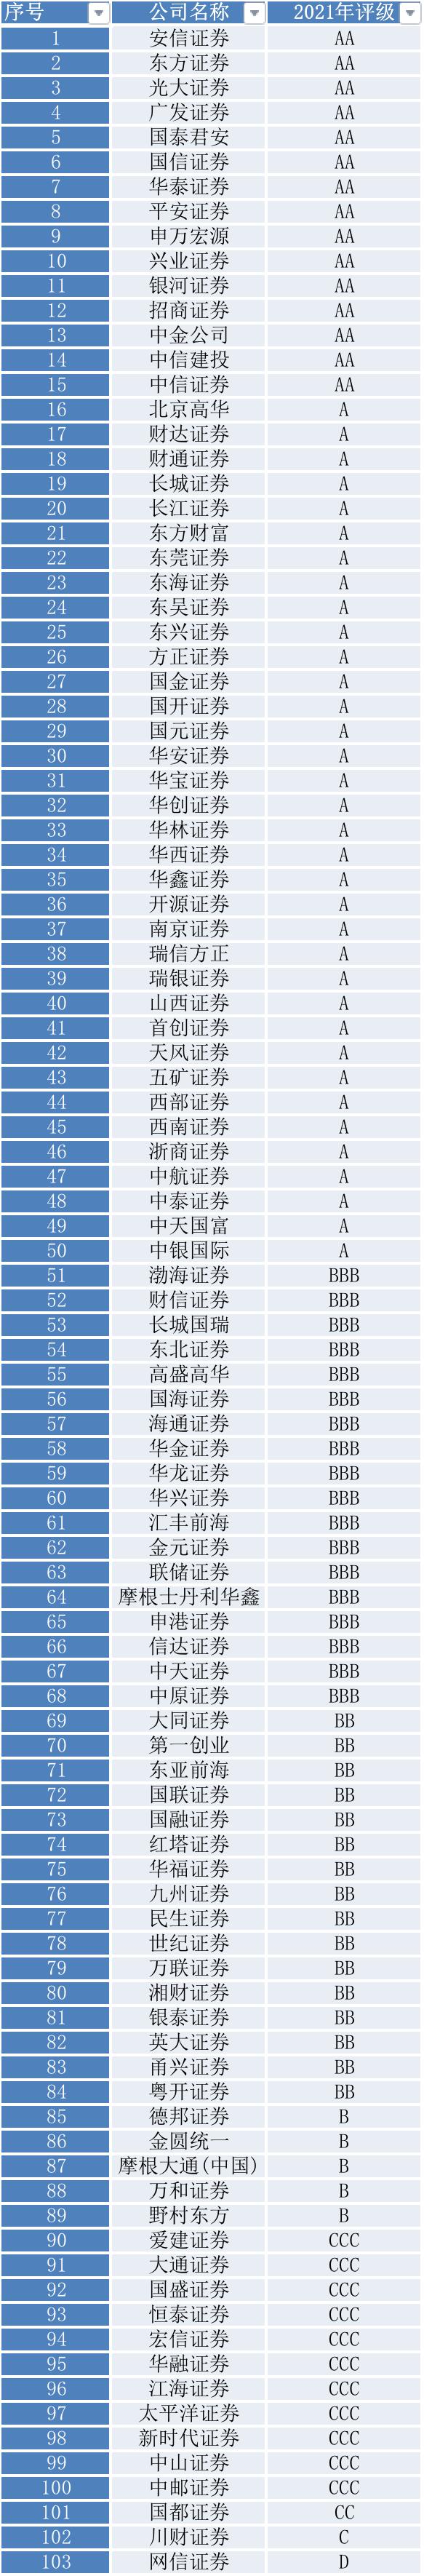 2021年分类评价结果(资料来源:记者据证监会官网数据整理)